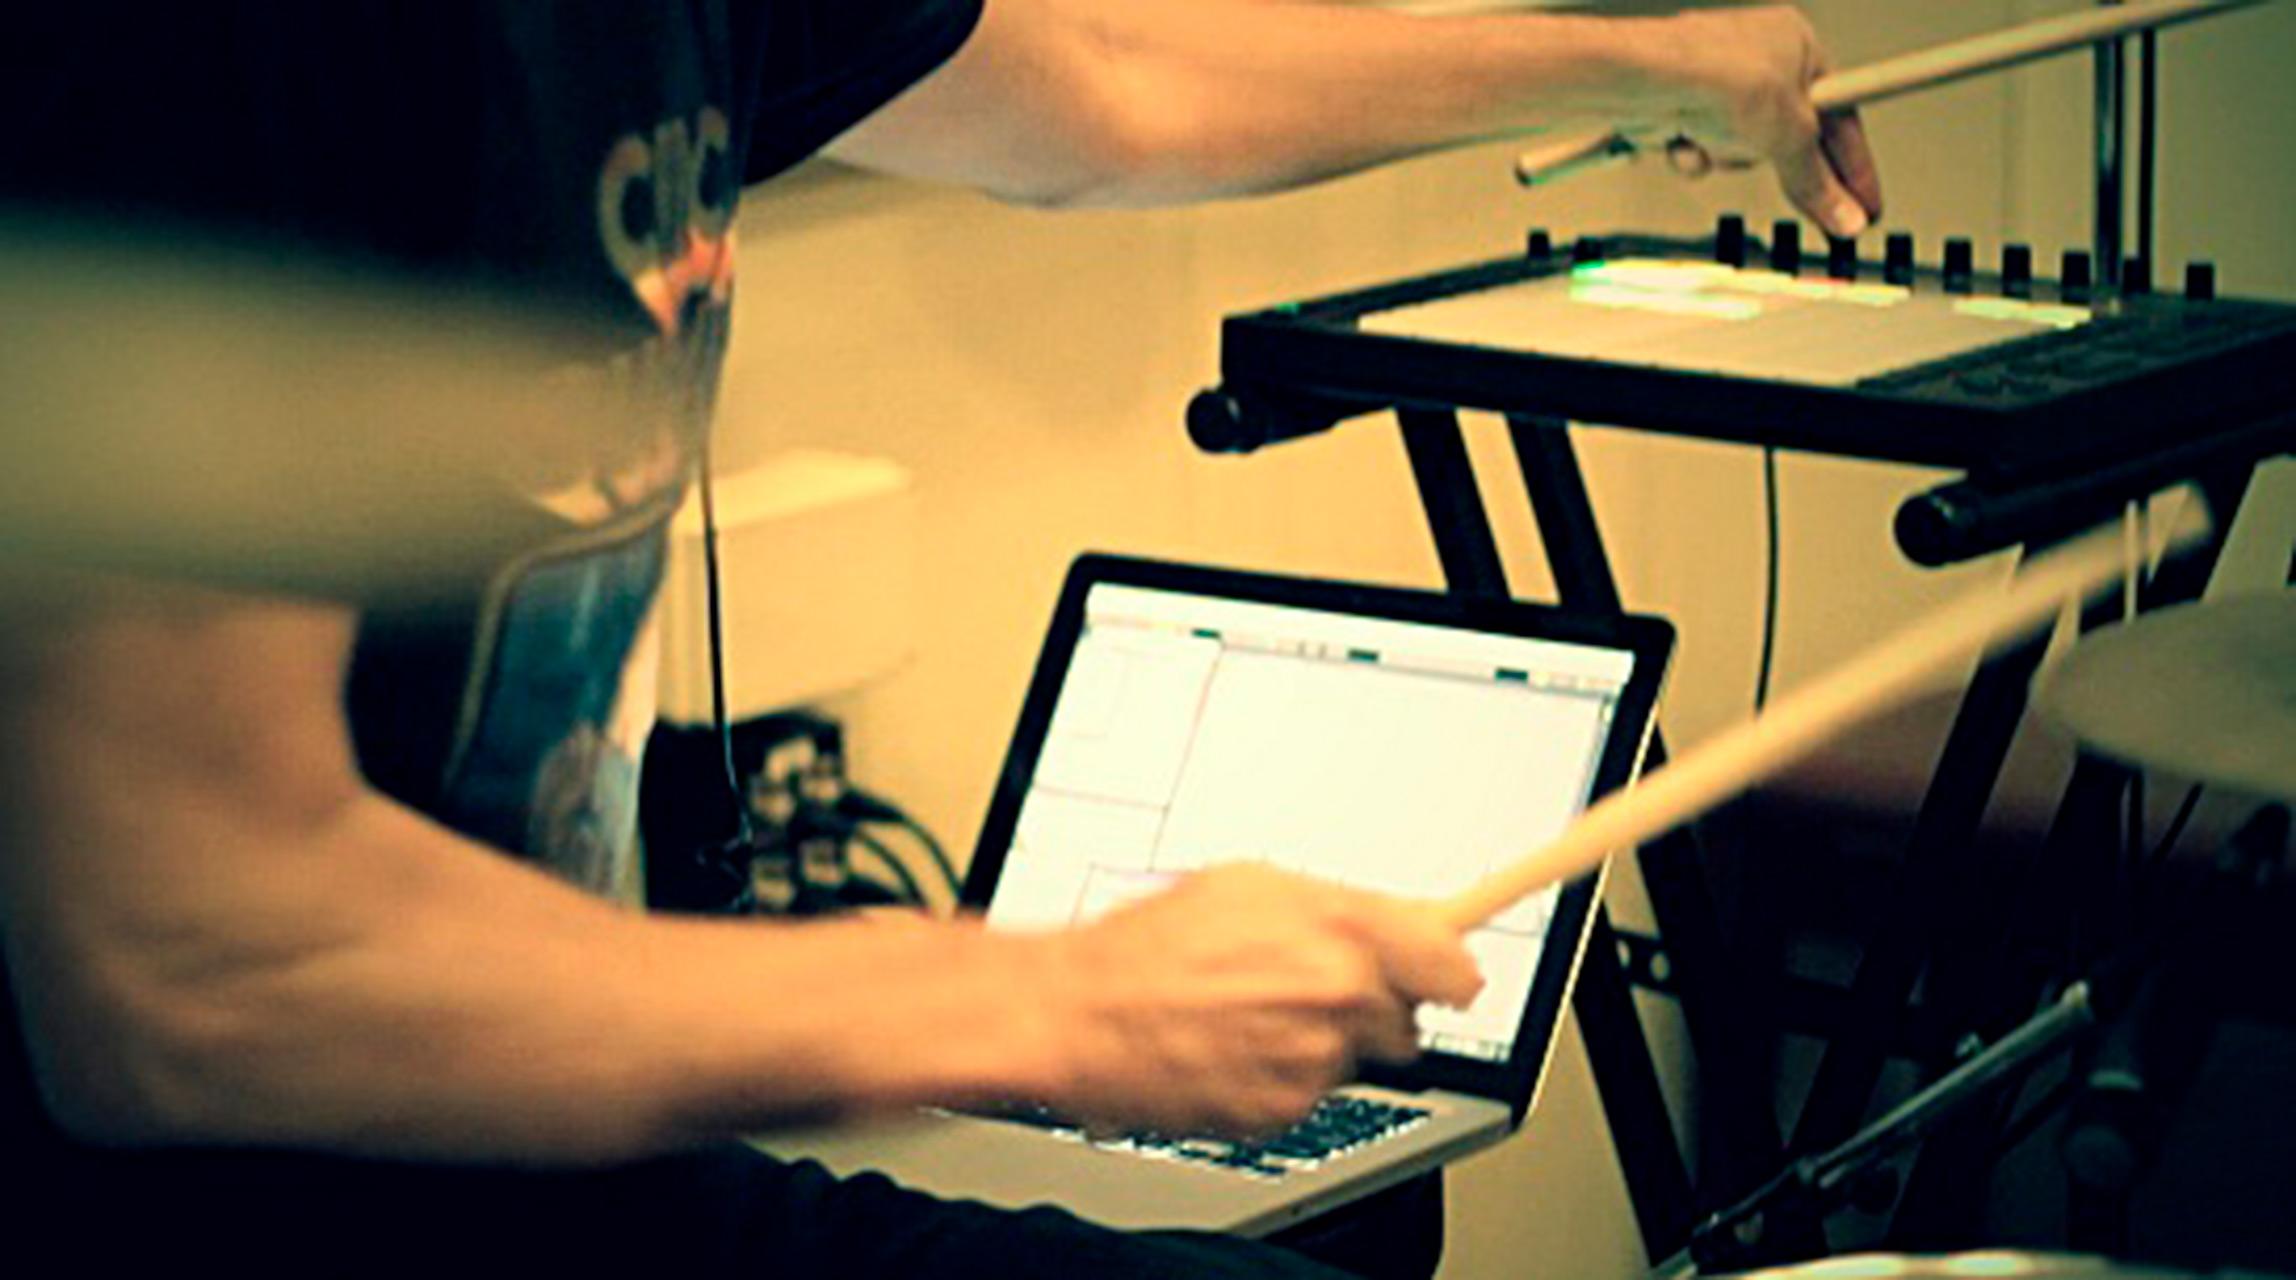 Convocatoria: Ayudas a residencias artísticas para la creación sonora con nuevas tecnologías en el C.M.M.A.S. | IBERMÚSICAS